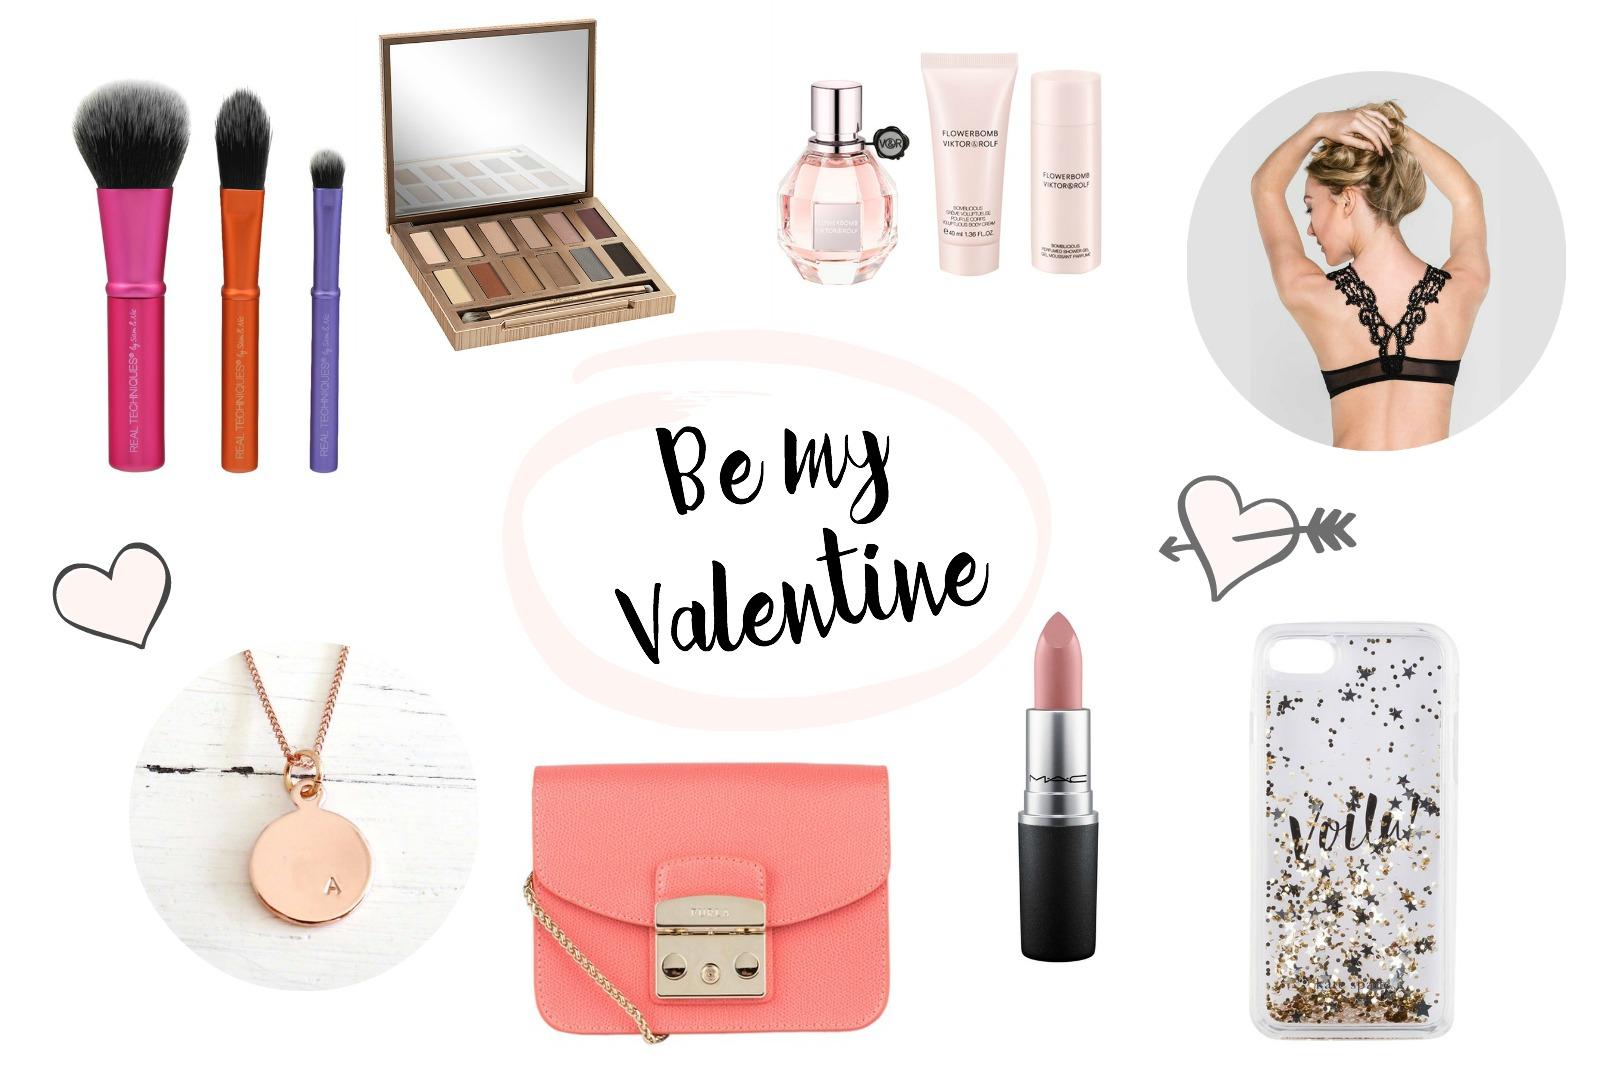 Geschenke-zum-Valentinstag-Suechtig-nach-Lifestyleblog-Fashionblog-Foodblog-Oberoesterreich-Linz